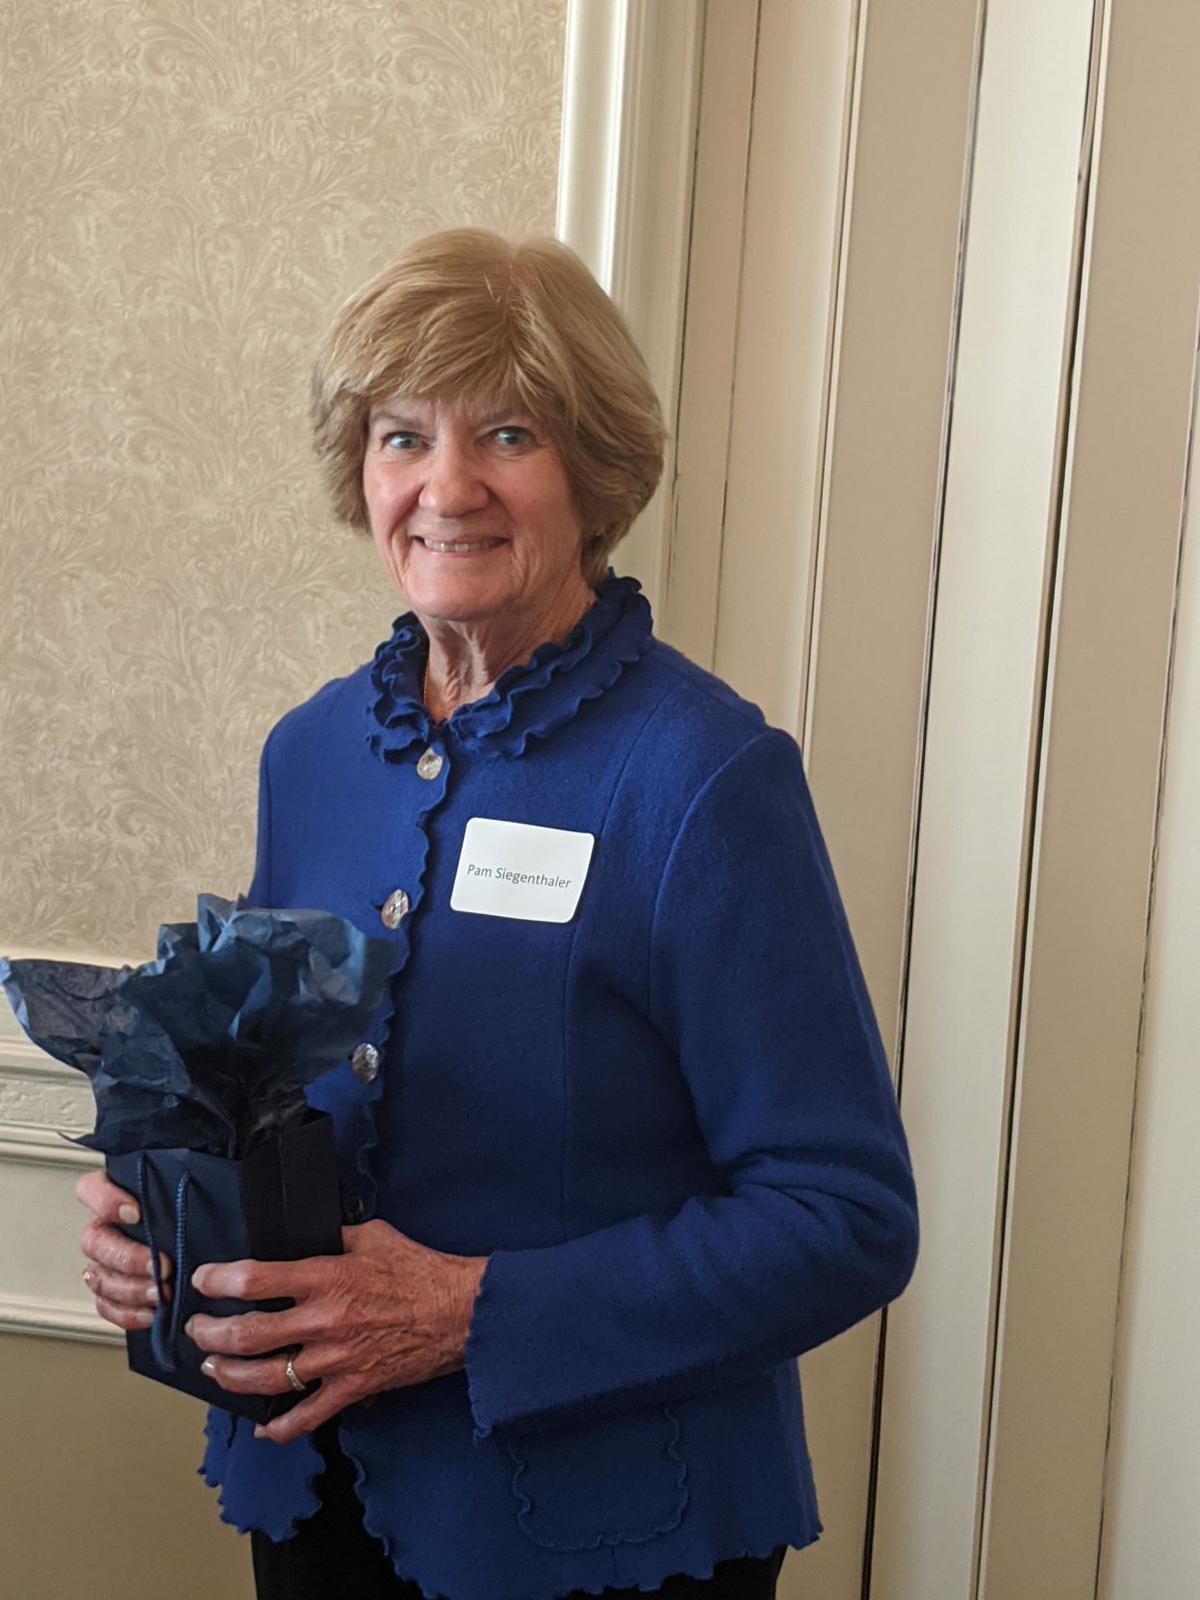 Pam Siegenthaler